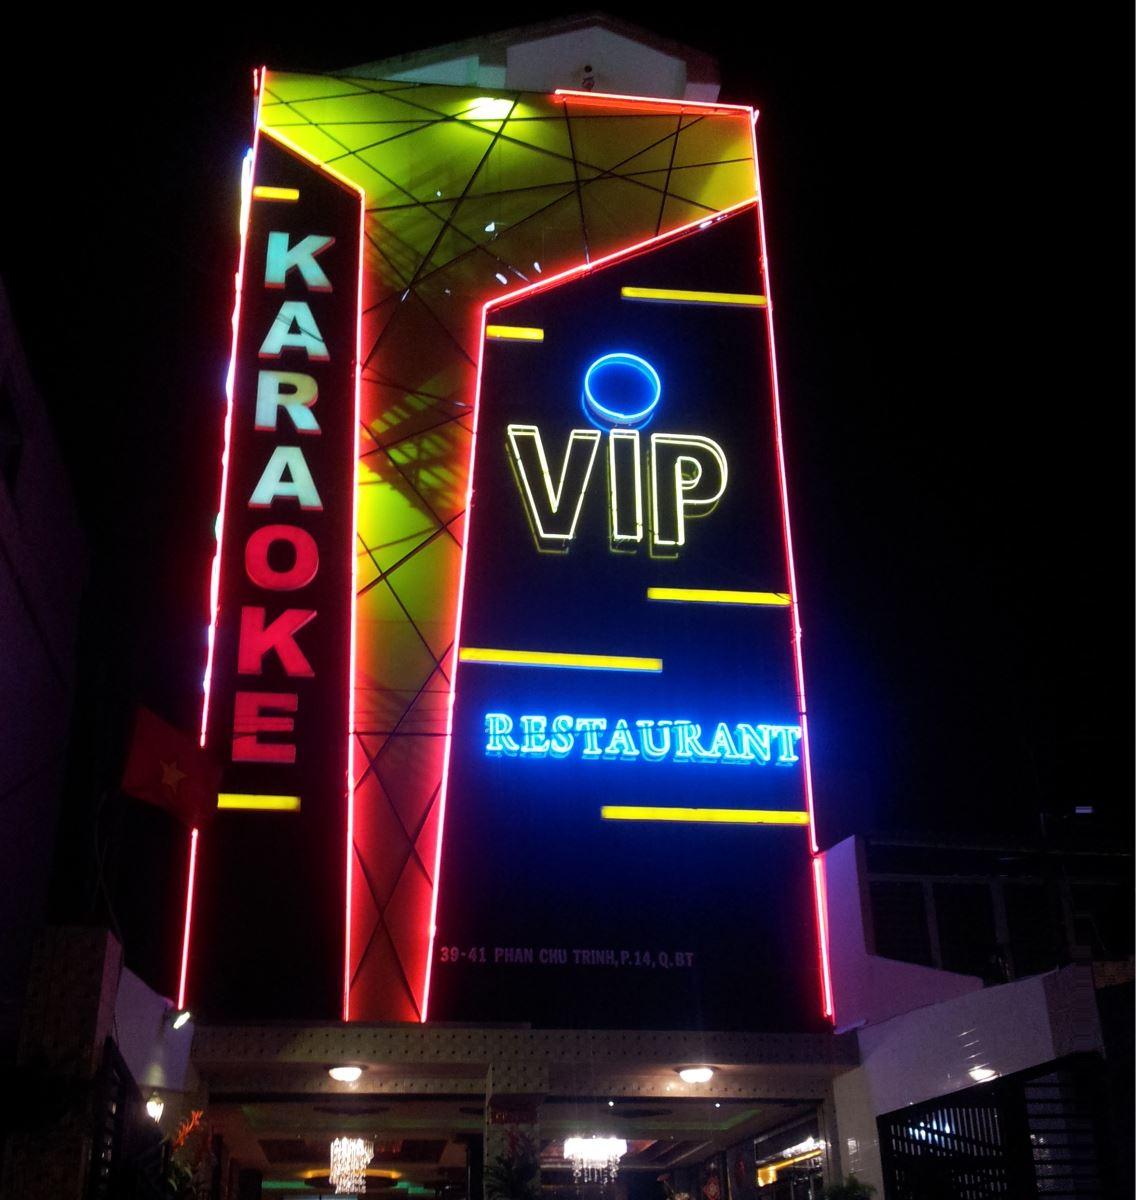 Làm bảng hiệu quán karaoke đẹp tại Đà Nẵng LH: 0974480518